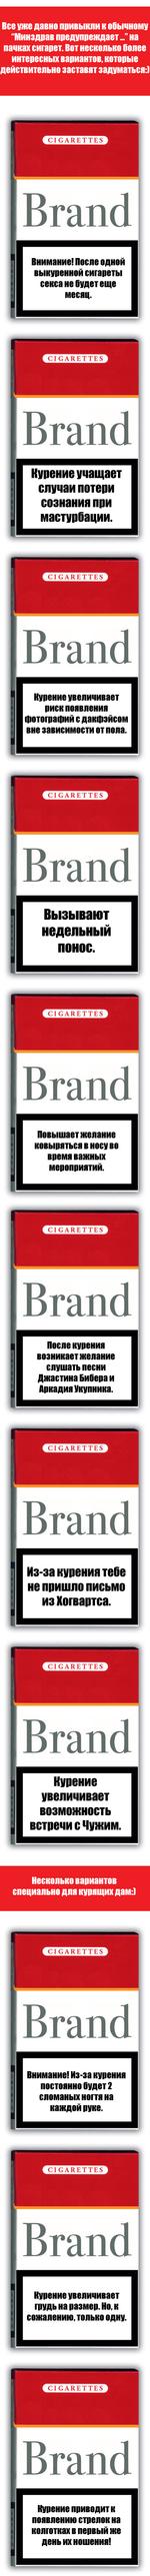 """Все уже давно привыкли в обычному """"Минздрав предупреждает..."""" на пачках сигарет. Вот несколько более интересных вариантов, которые действительно заставит задуматься:] Brand Внимание! После одной выкуренной сигареты секса не будет еще месяц. Г CIGARETTES 1 Brand Курение учащает случаи потери со"""